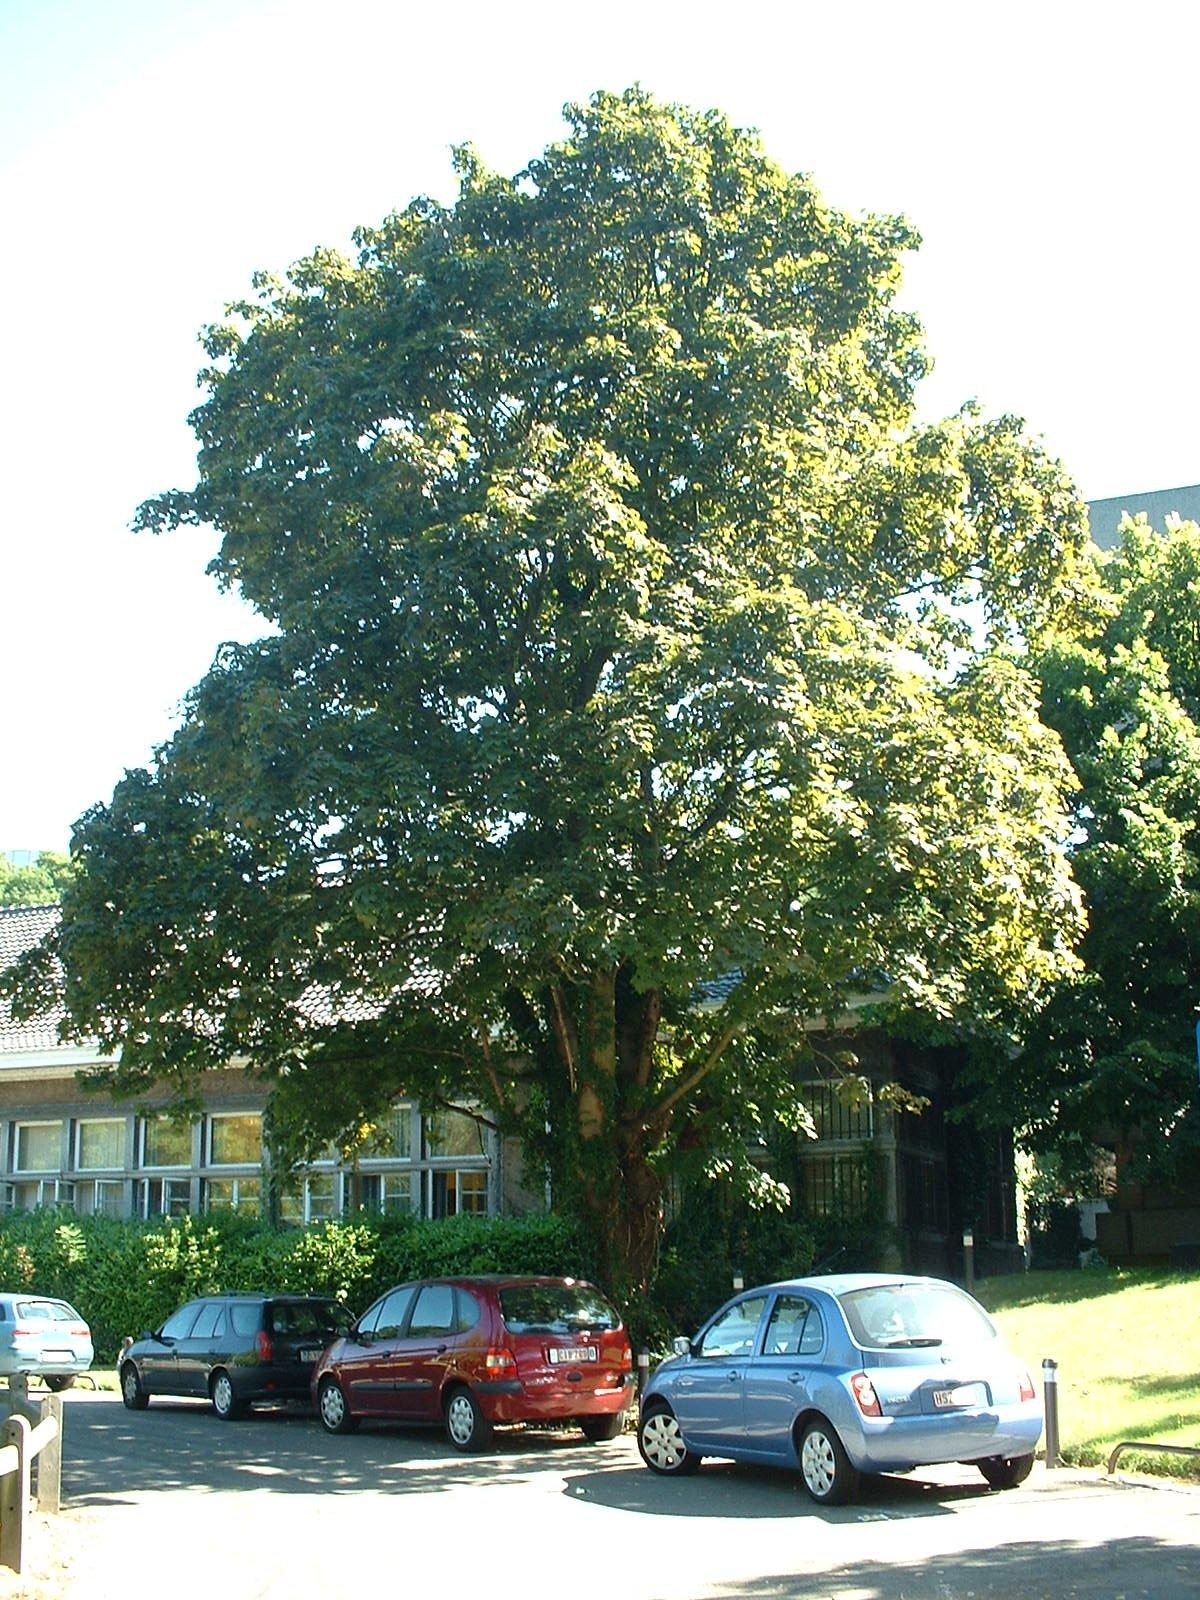 Acer platanoides f. schwedleri – Bruxelles, Université Libre de Bruxelles - Solbosch, Avenue Franklin Roosevelt, 48 –  15 Juillet 2003